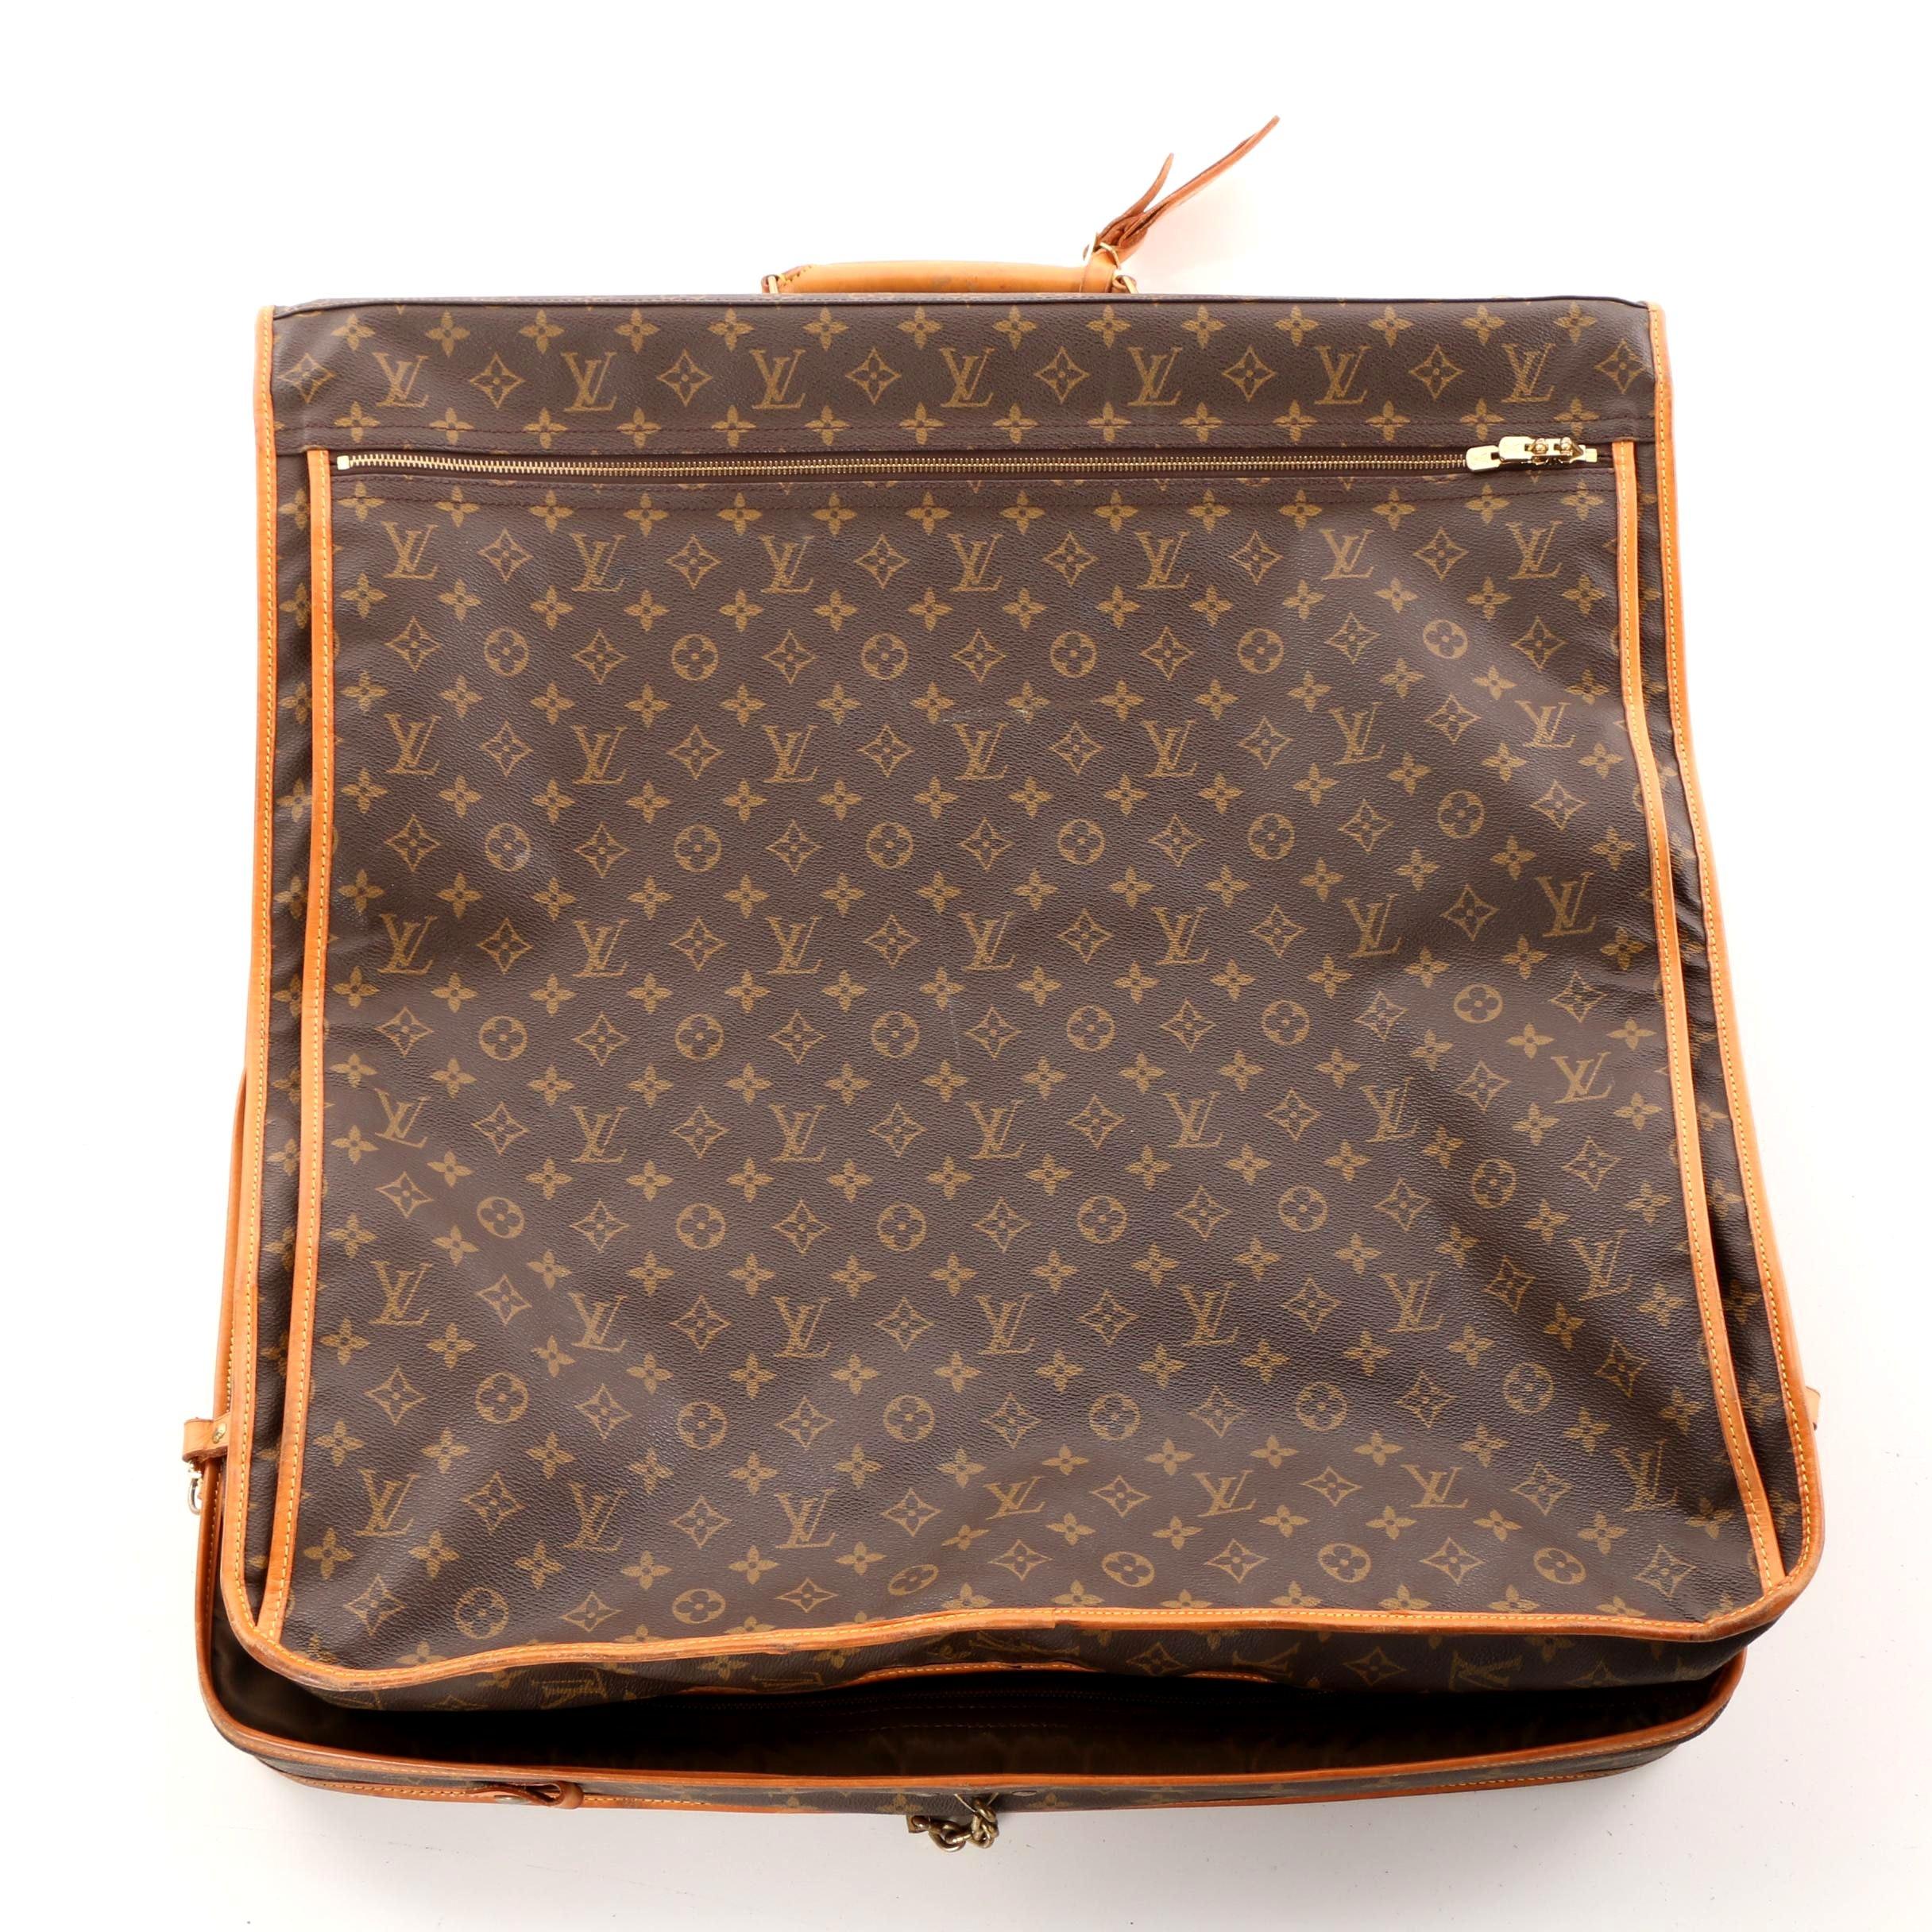 1991 Louis Vuitton Paris Malletier Monogram Canvas Garment Bag